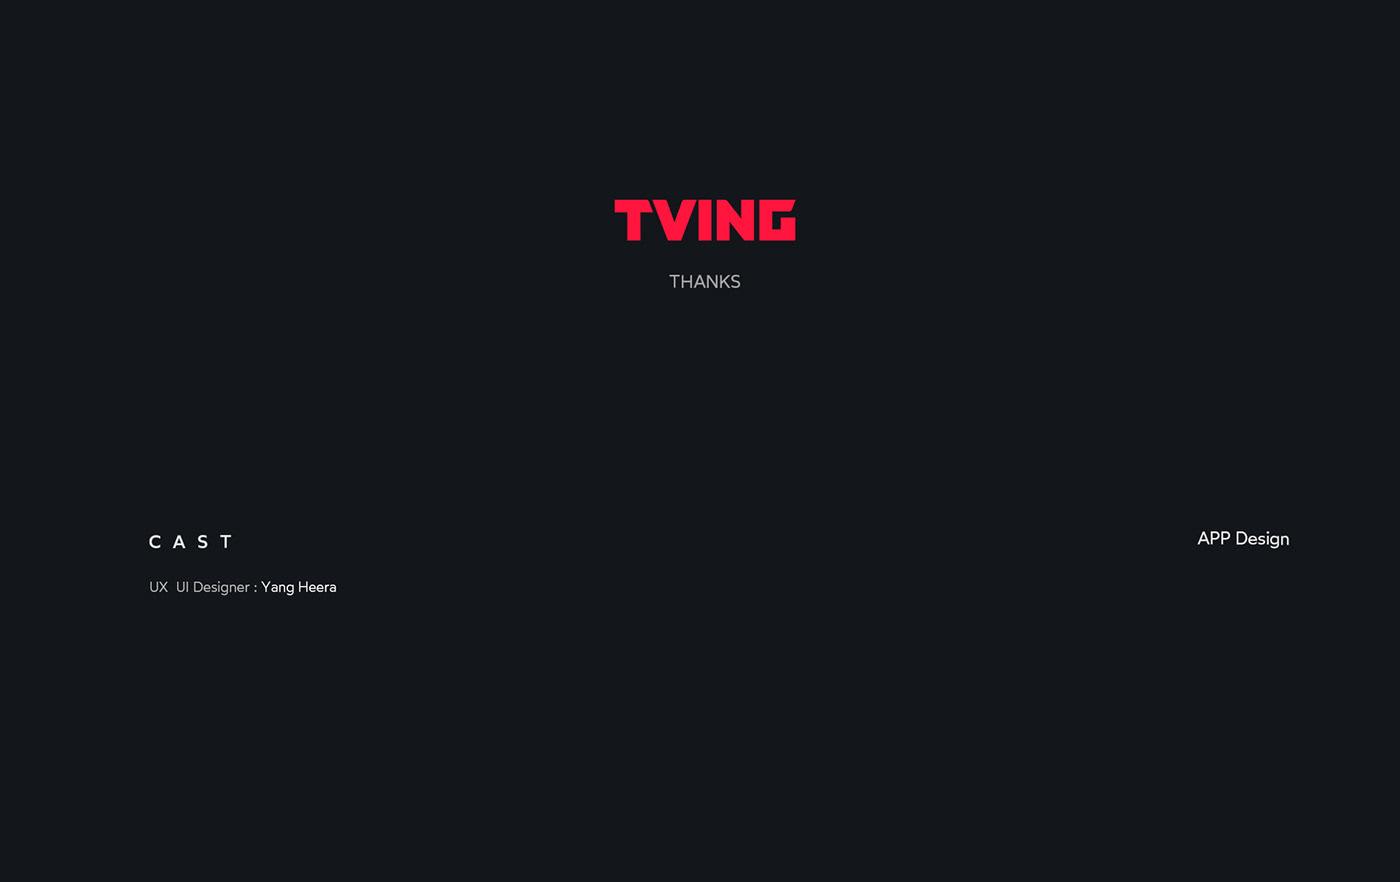 cj drama hulu interaction movie Netflix Streaming uxui video Watcha